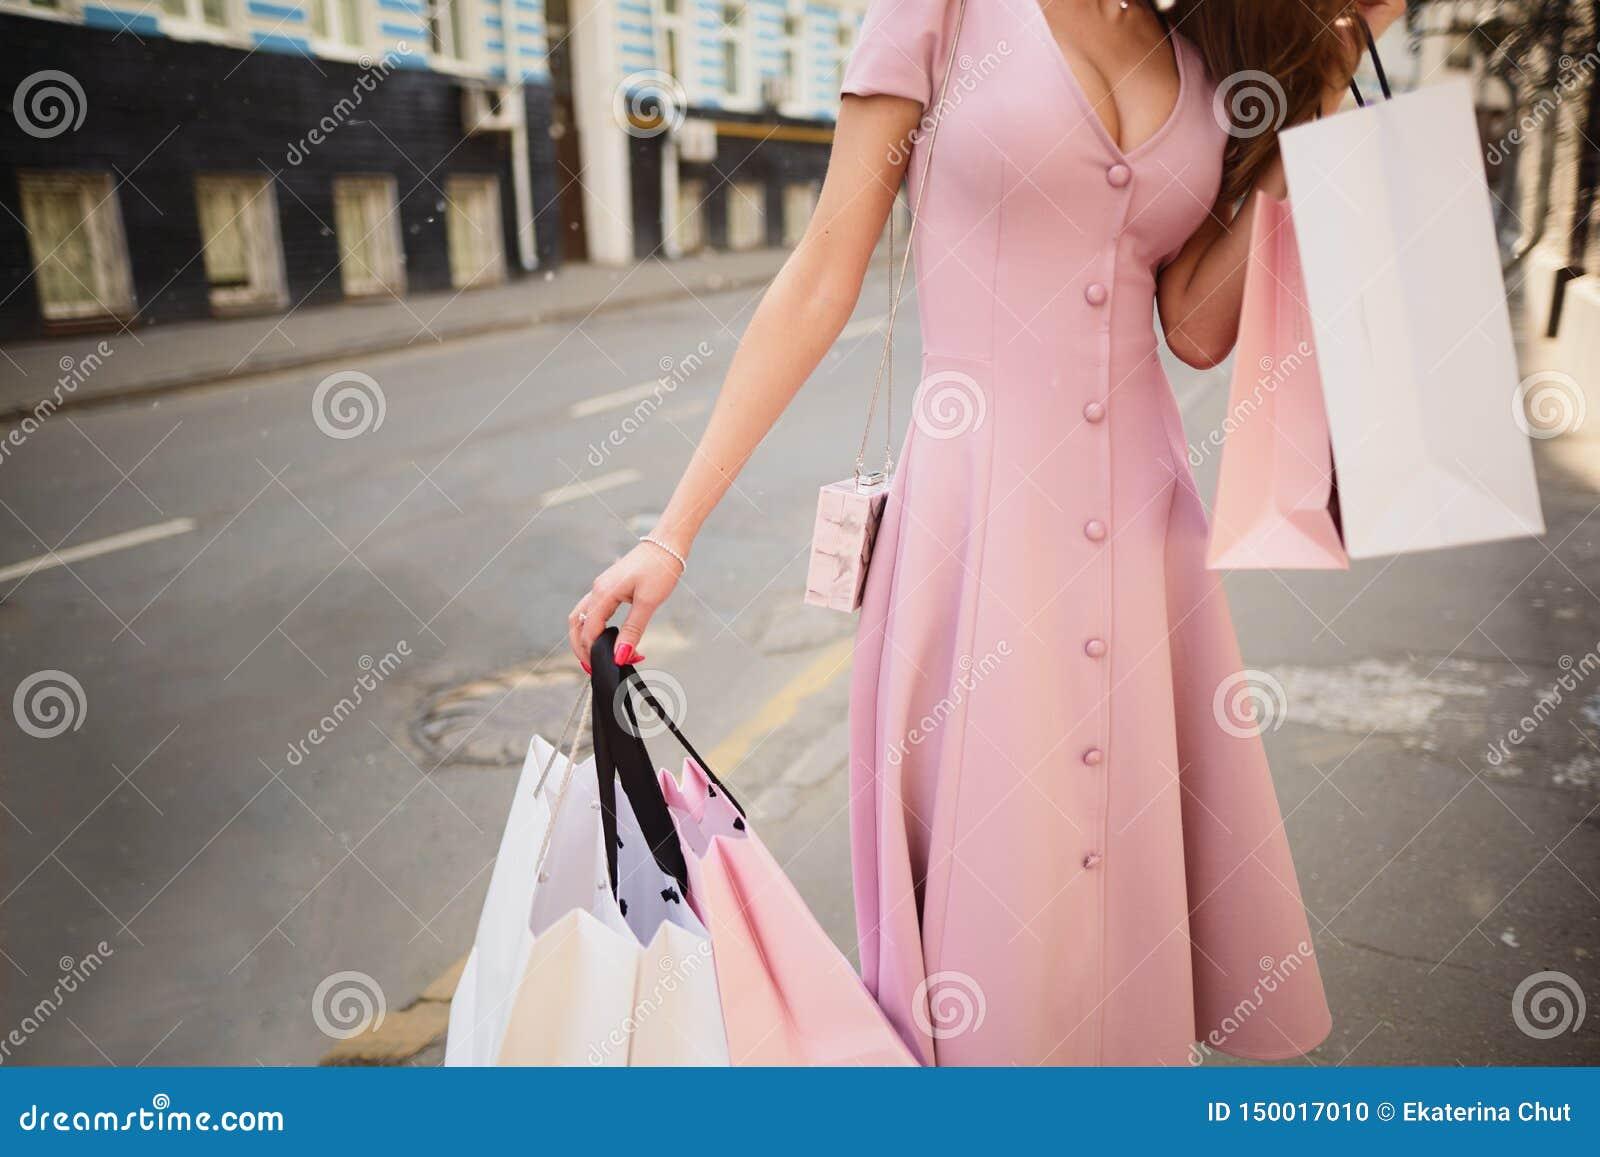 Ντυμένη Fashionably γυναίκα στις οδούς μιας μικρού χωριού, έννοιας αγορών